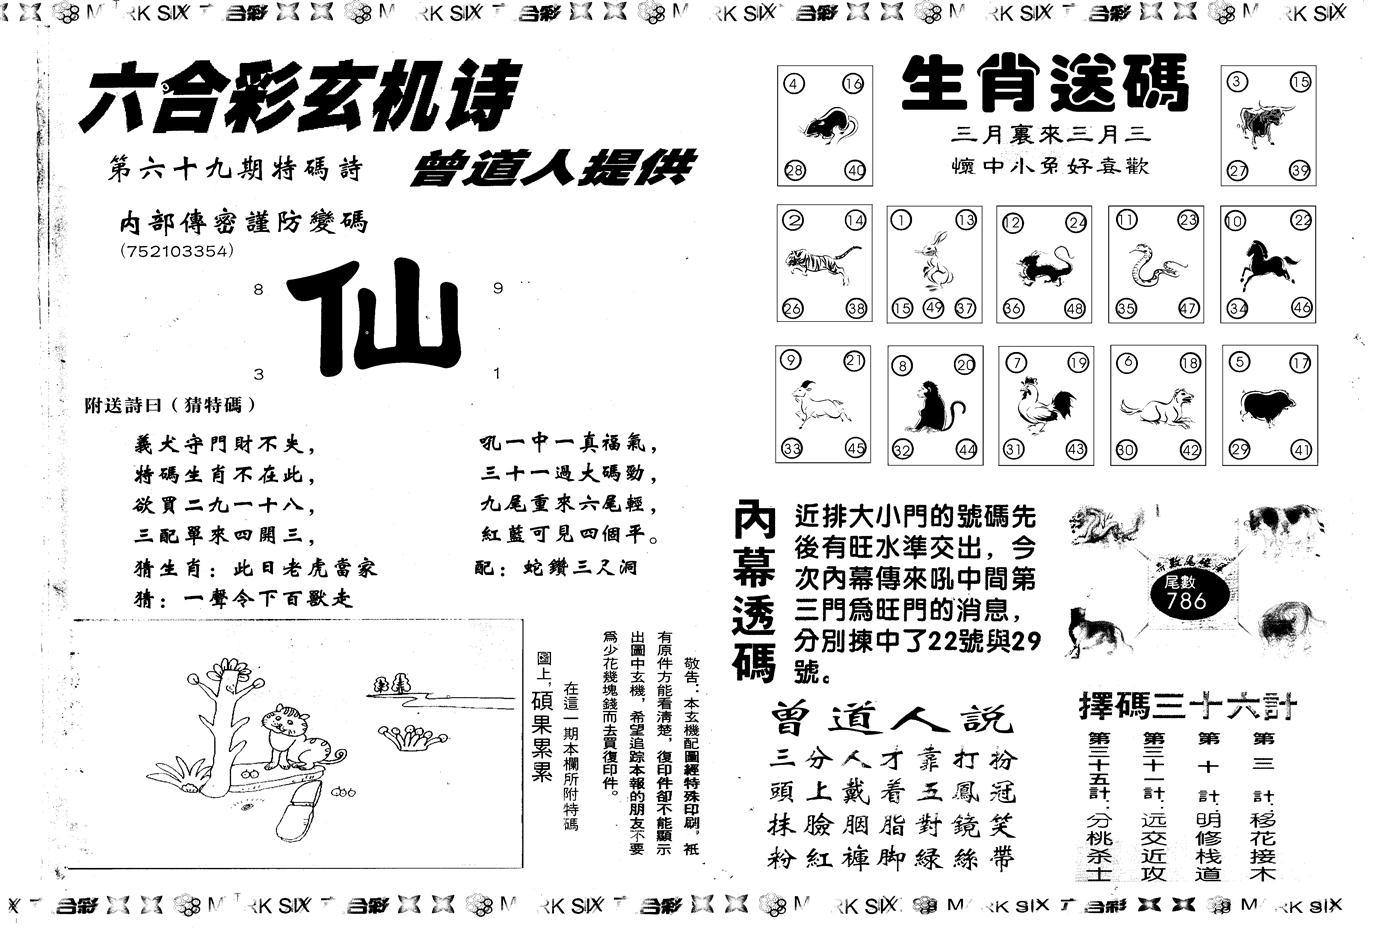 069期另版新内幕B(黑白)